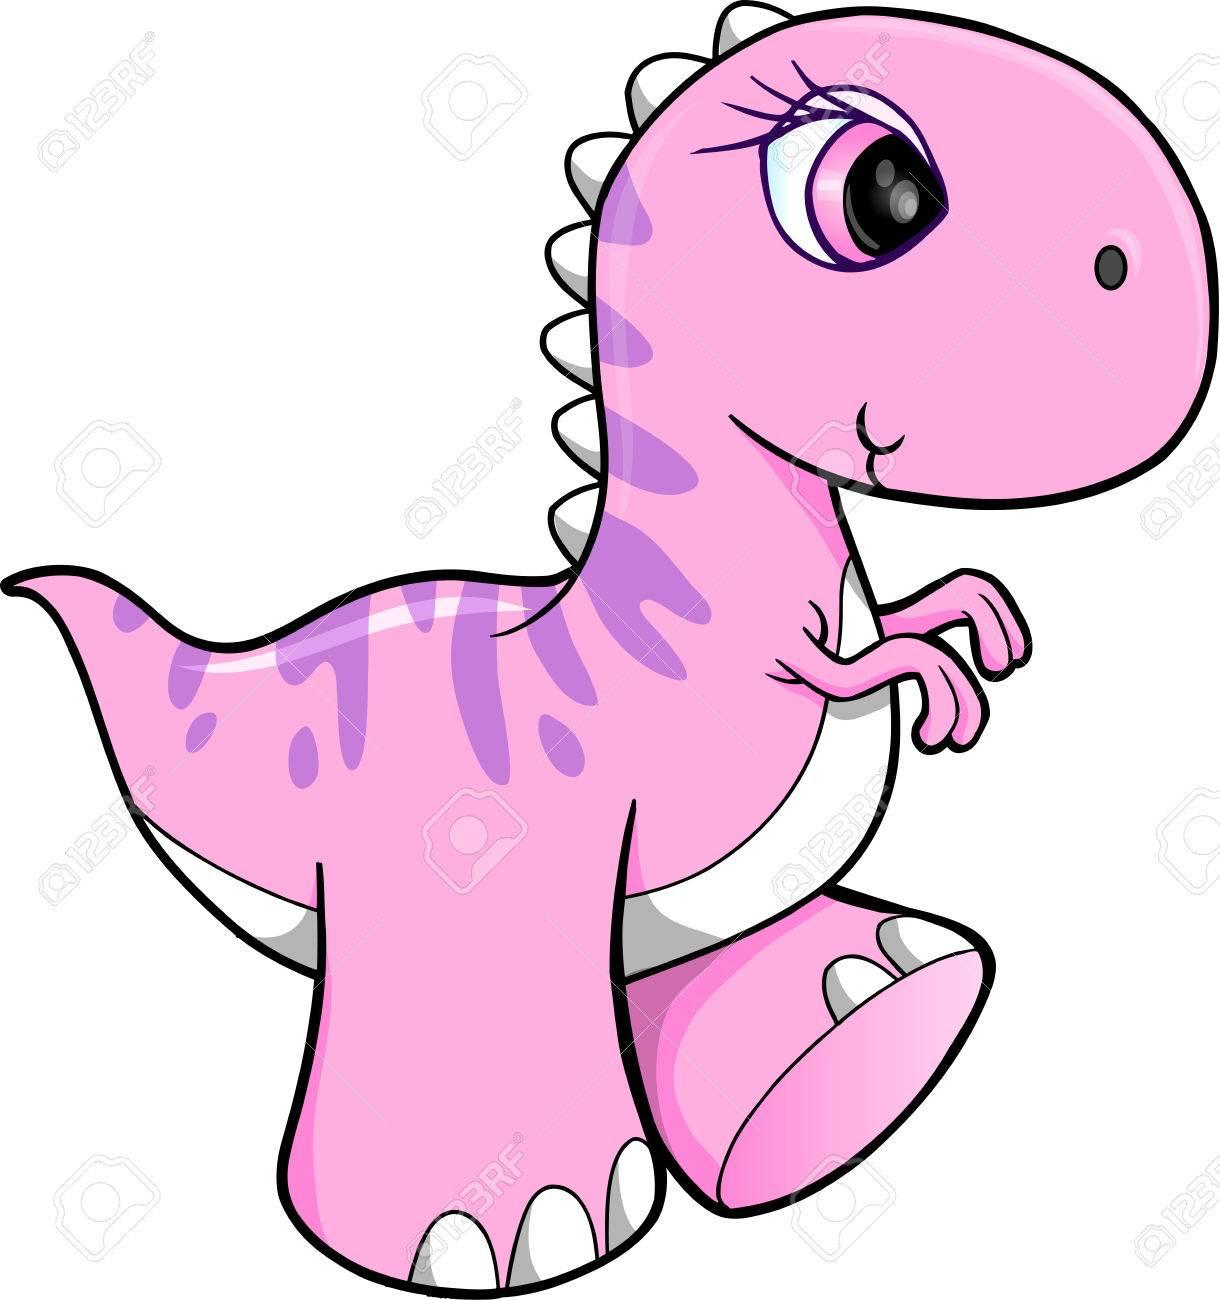 Cute Pink Dinosaur Vector Illustration Art.